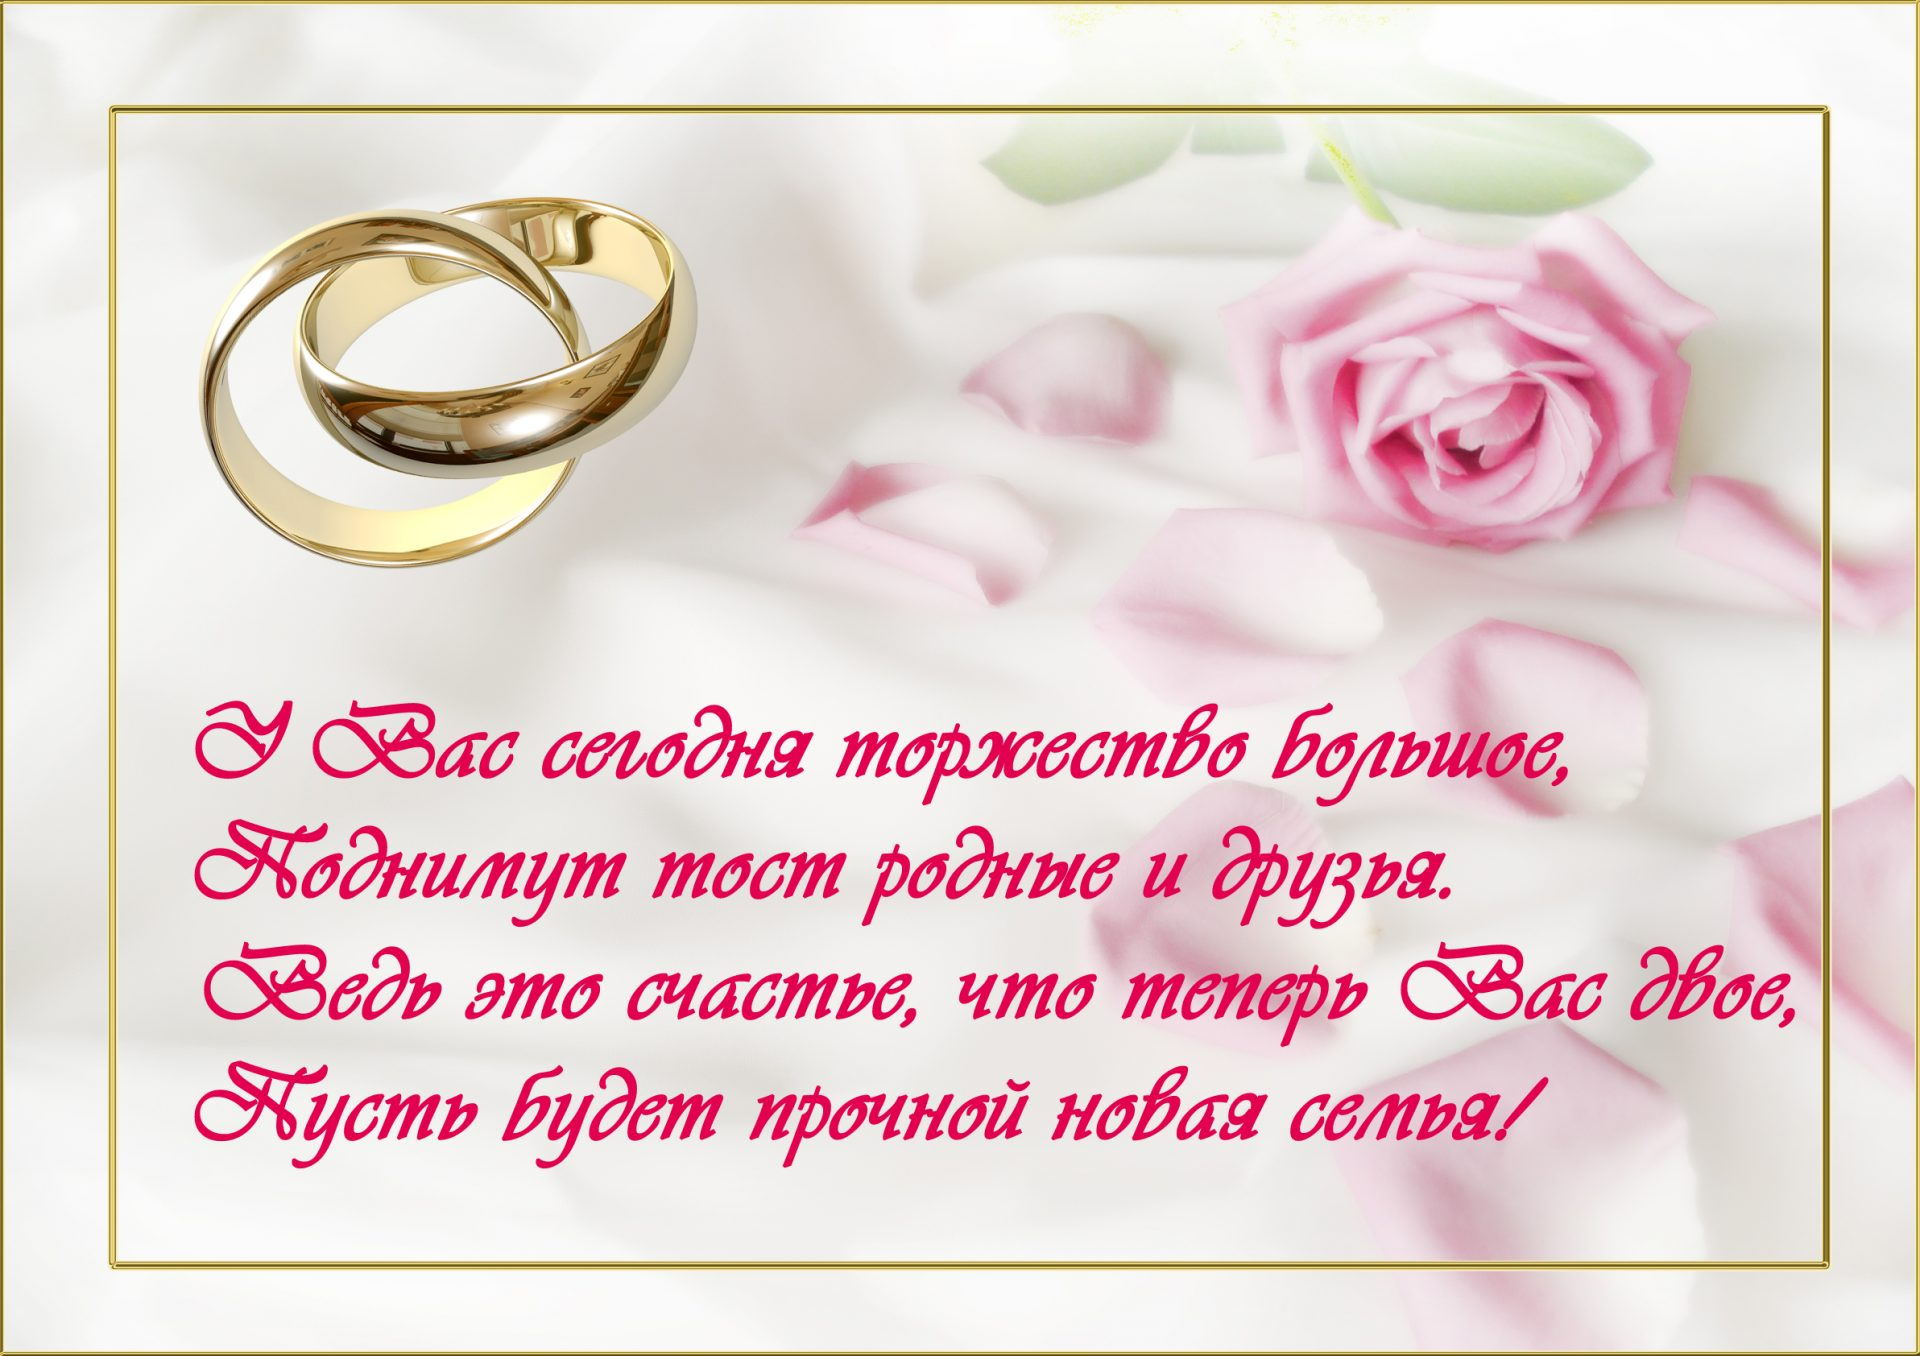 Поздравление мам к свадьбе детей